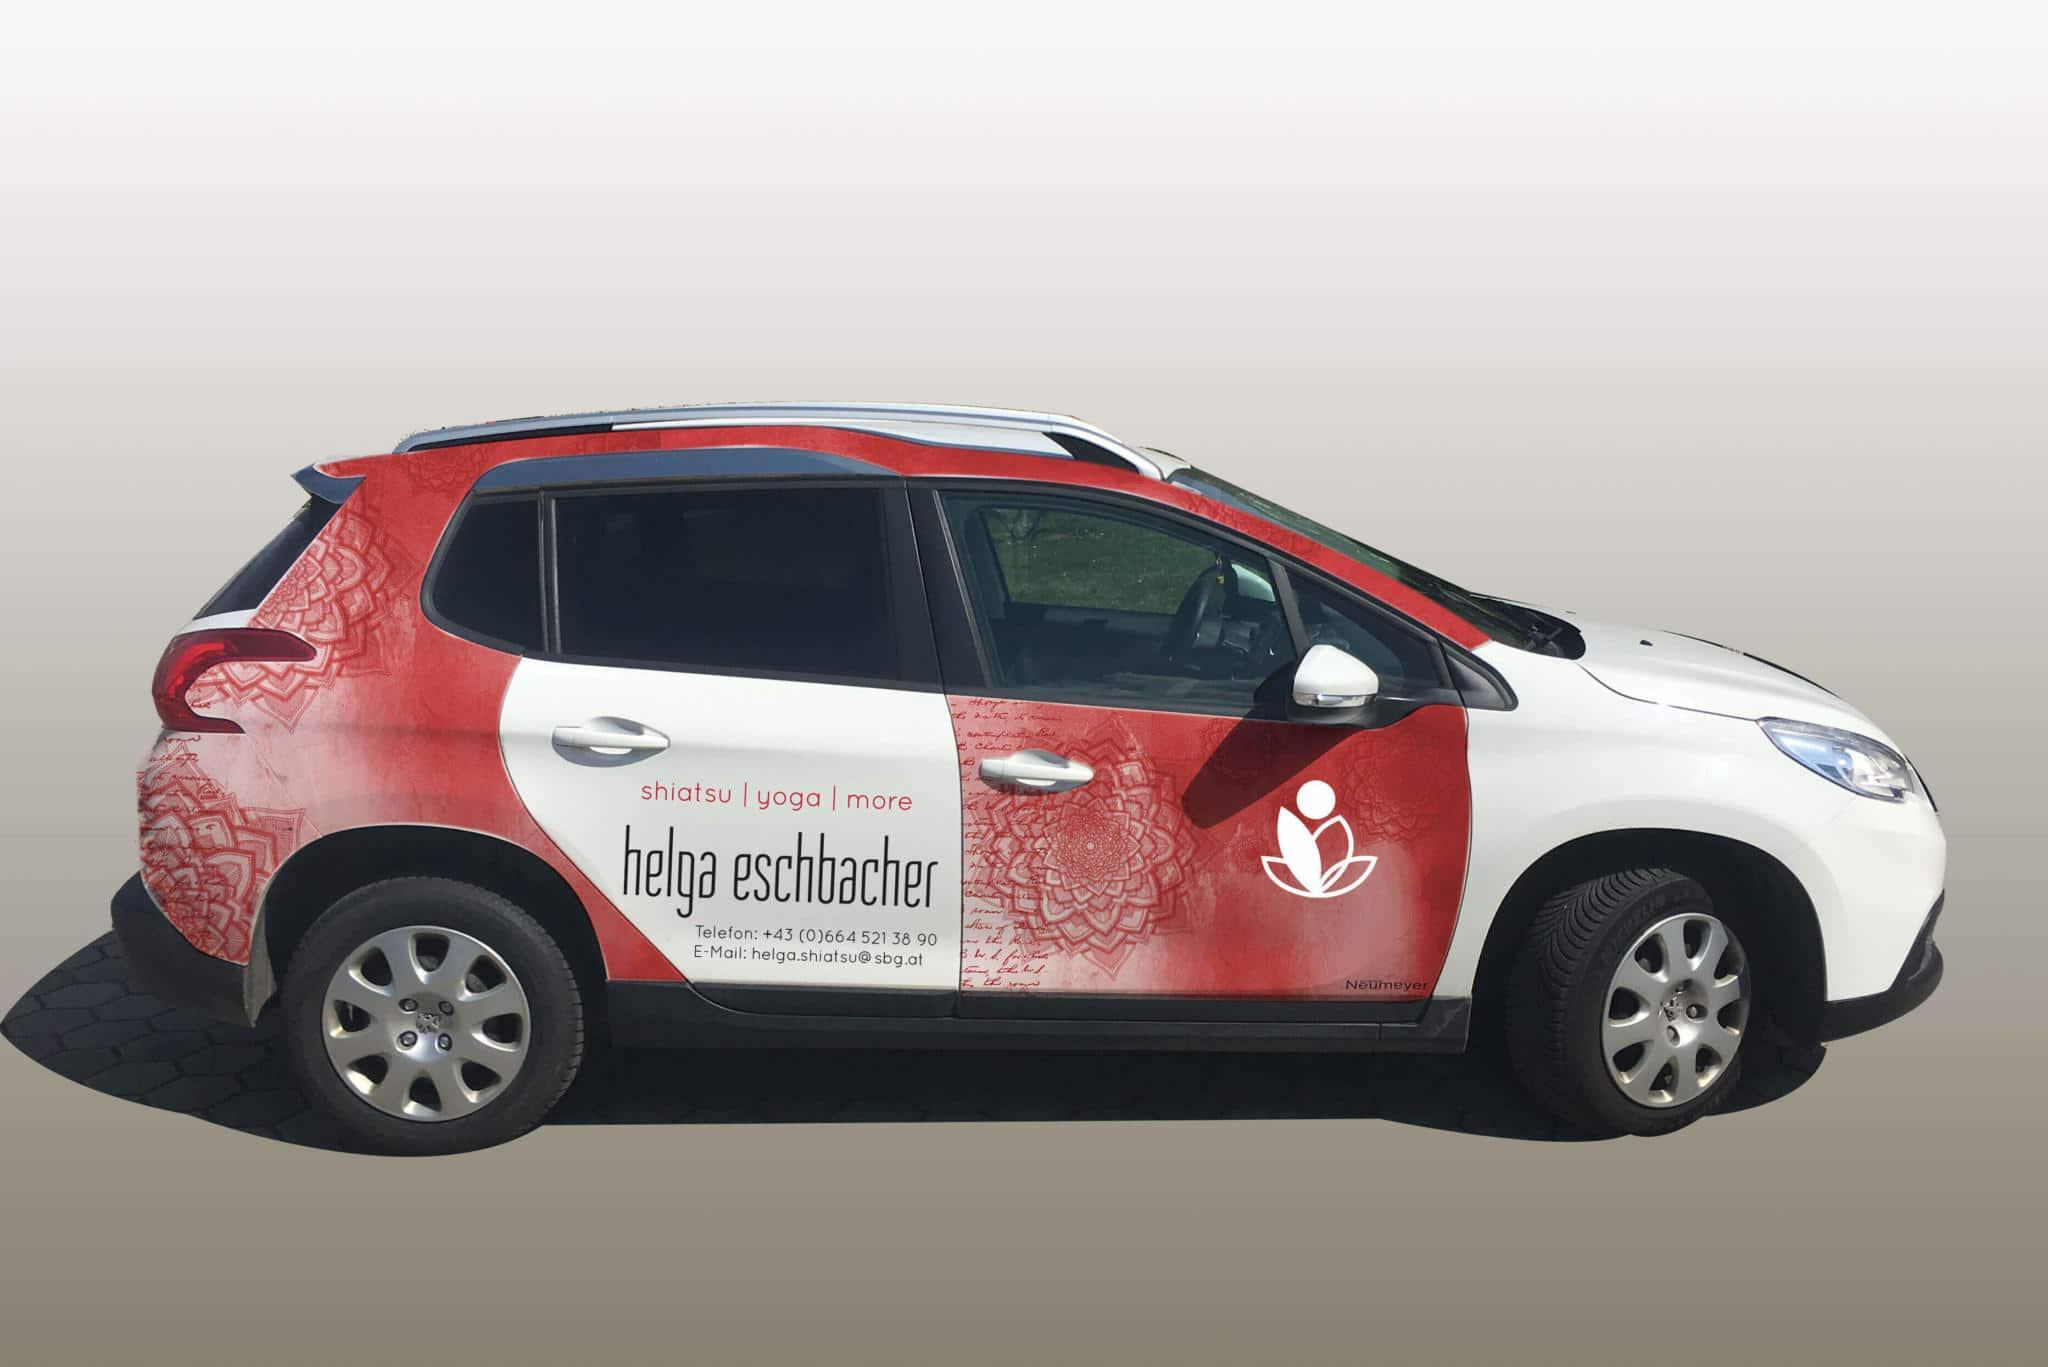 Autoeschriftung_rot_weiß_mit_Logo_Corporate_Design_von_Helga_Eschbacher